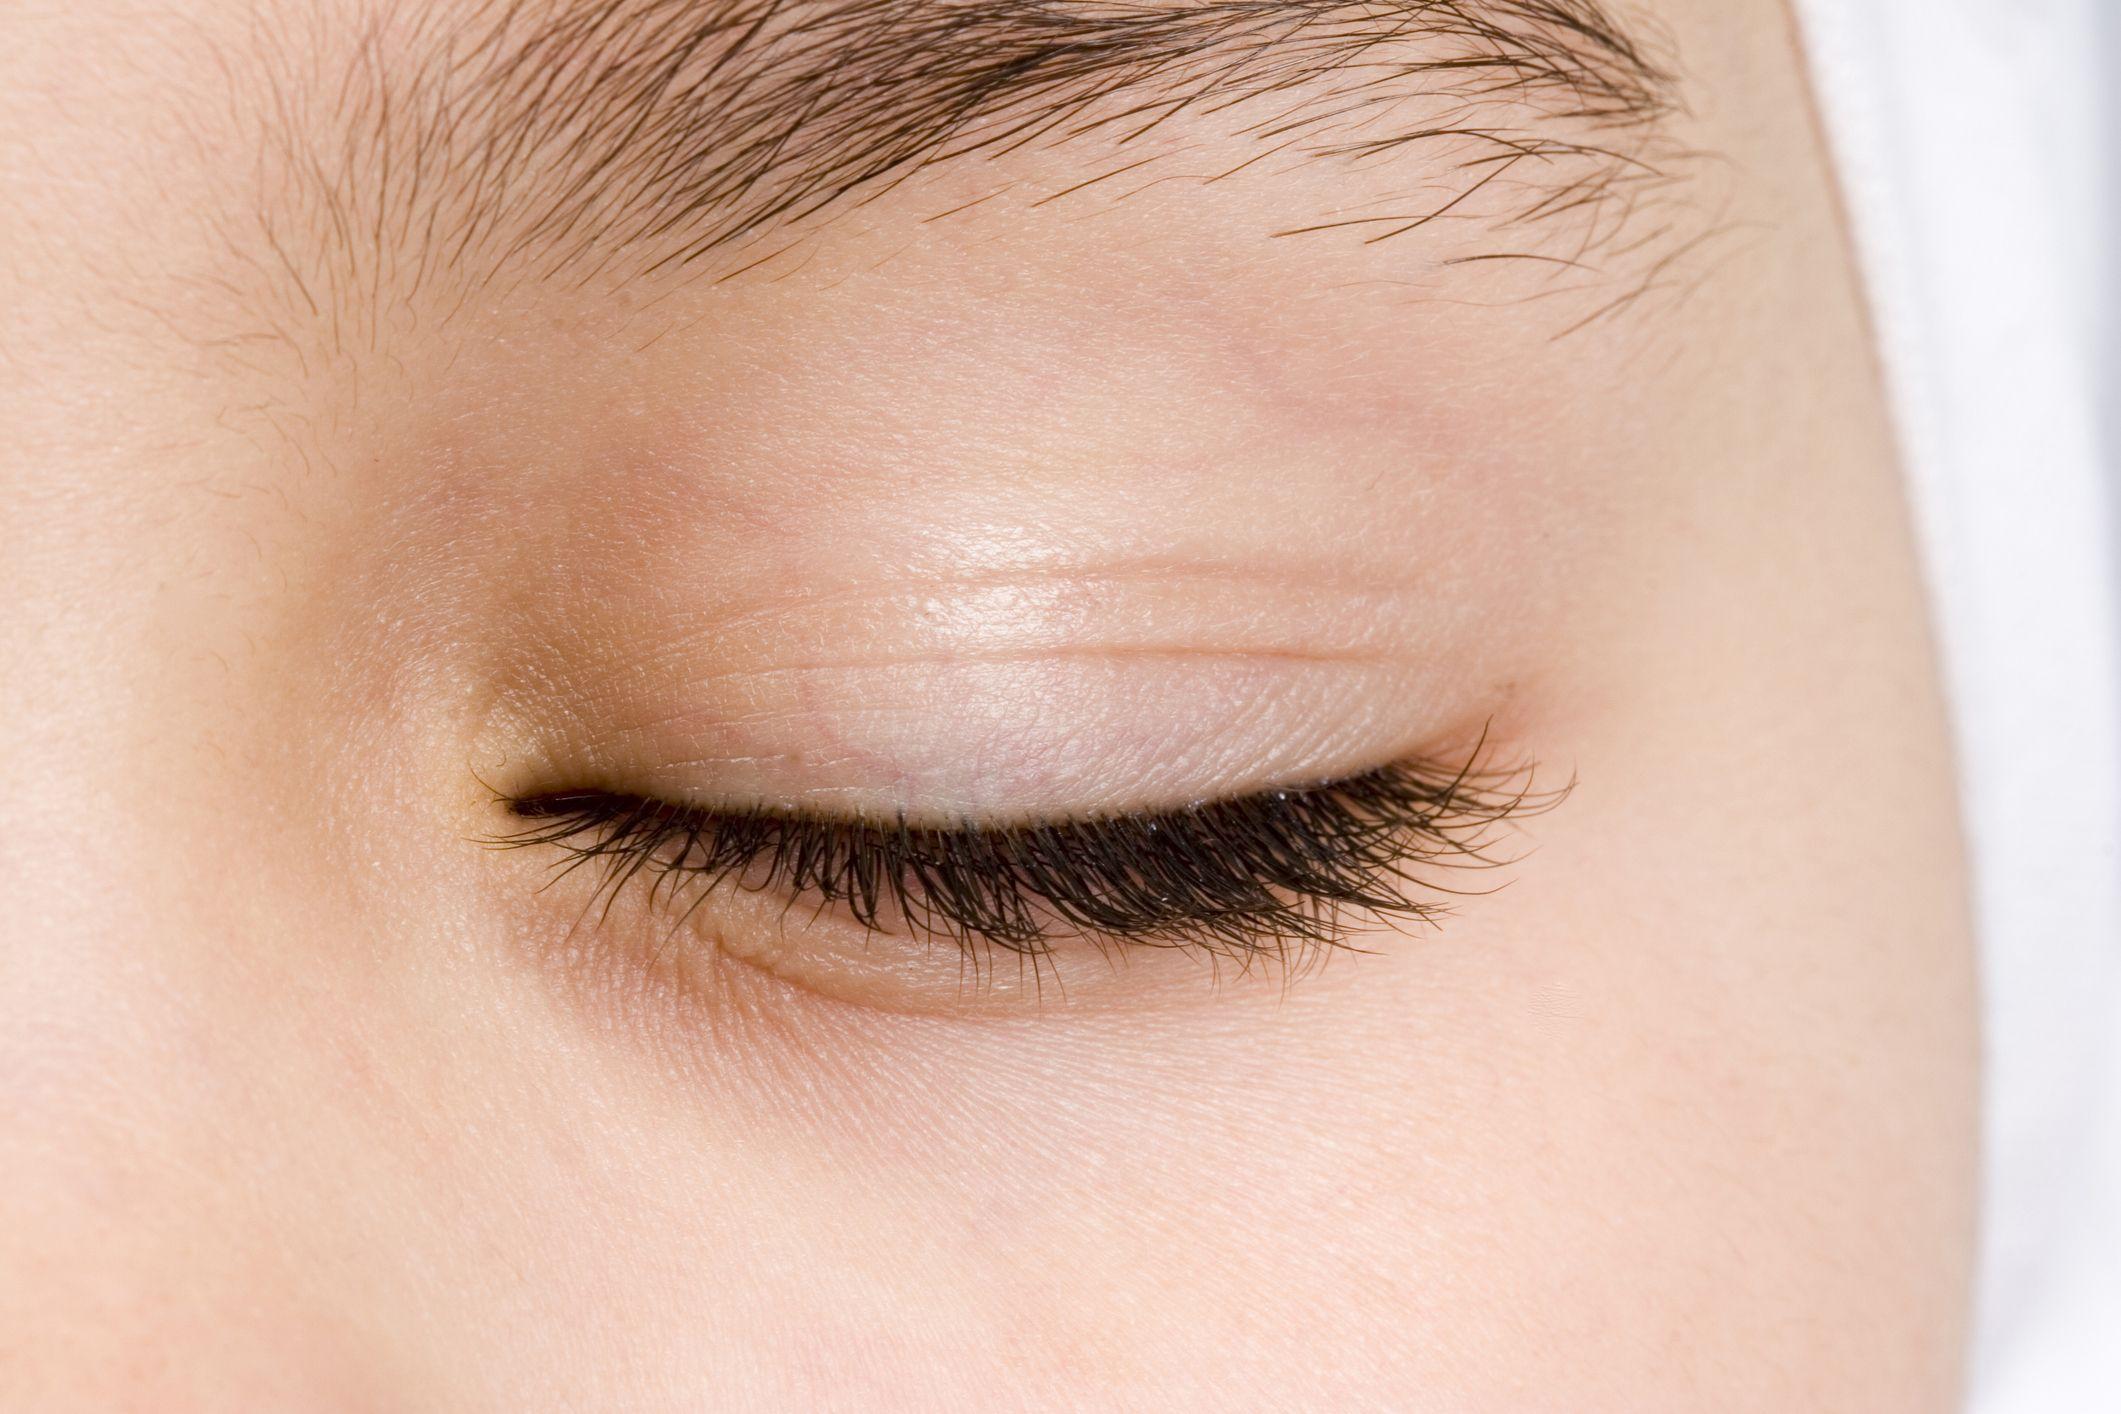 blink-eyes-stock